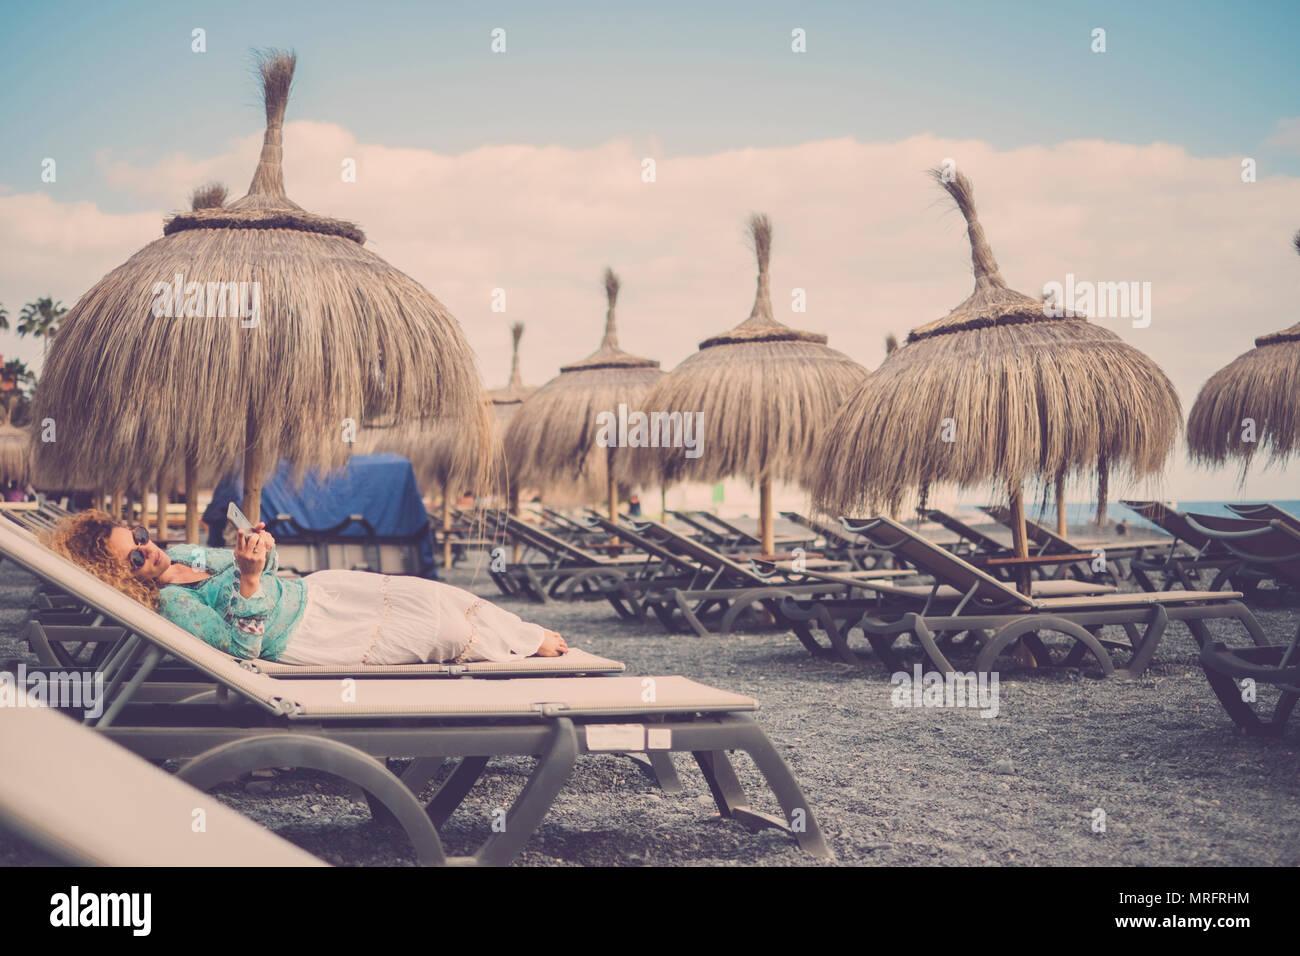 Belle femme de race blanche d'âge moyen s'étendit sur les sièges à la plage avec parasols tropicaux. transport et locations reste concept. Restez connecté wit Photo Stock